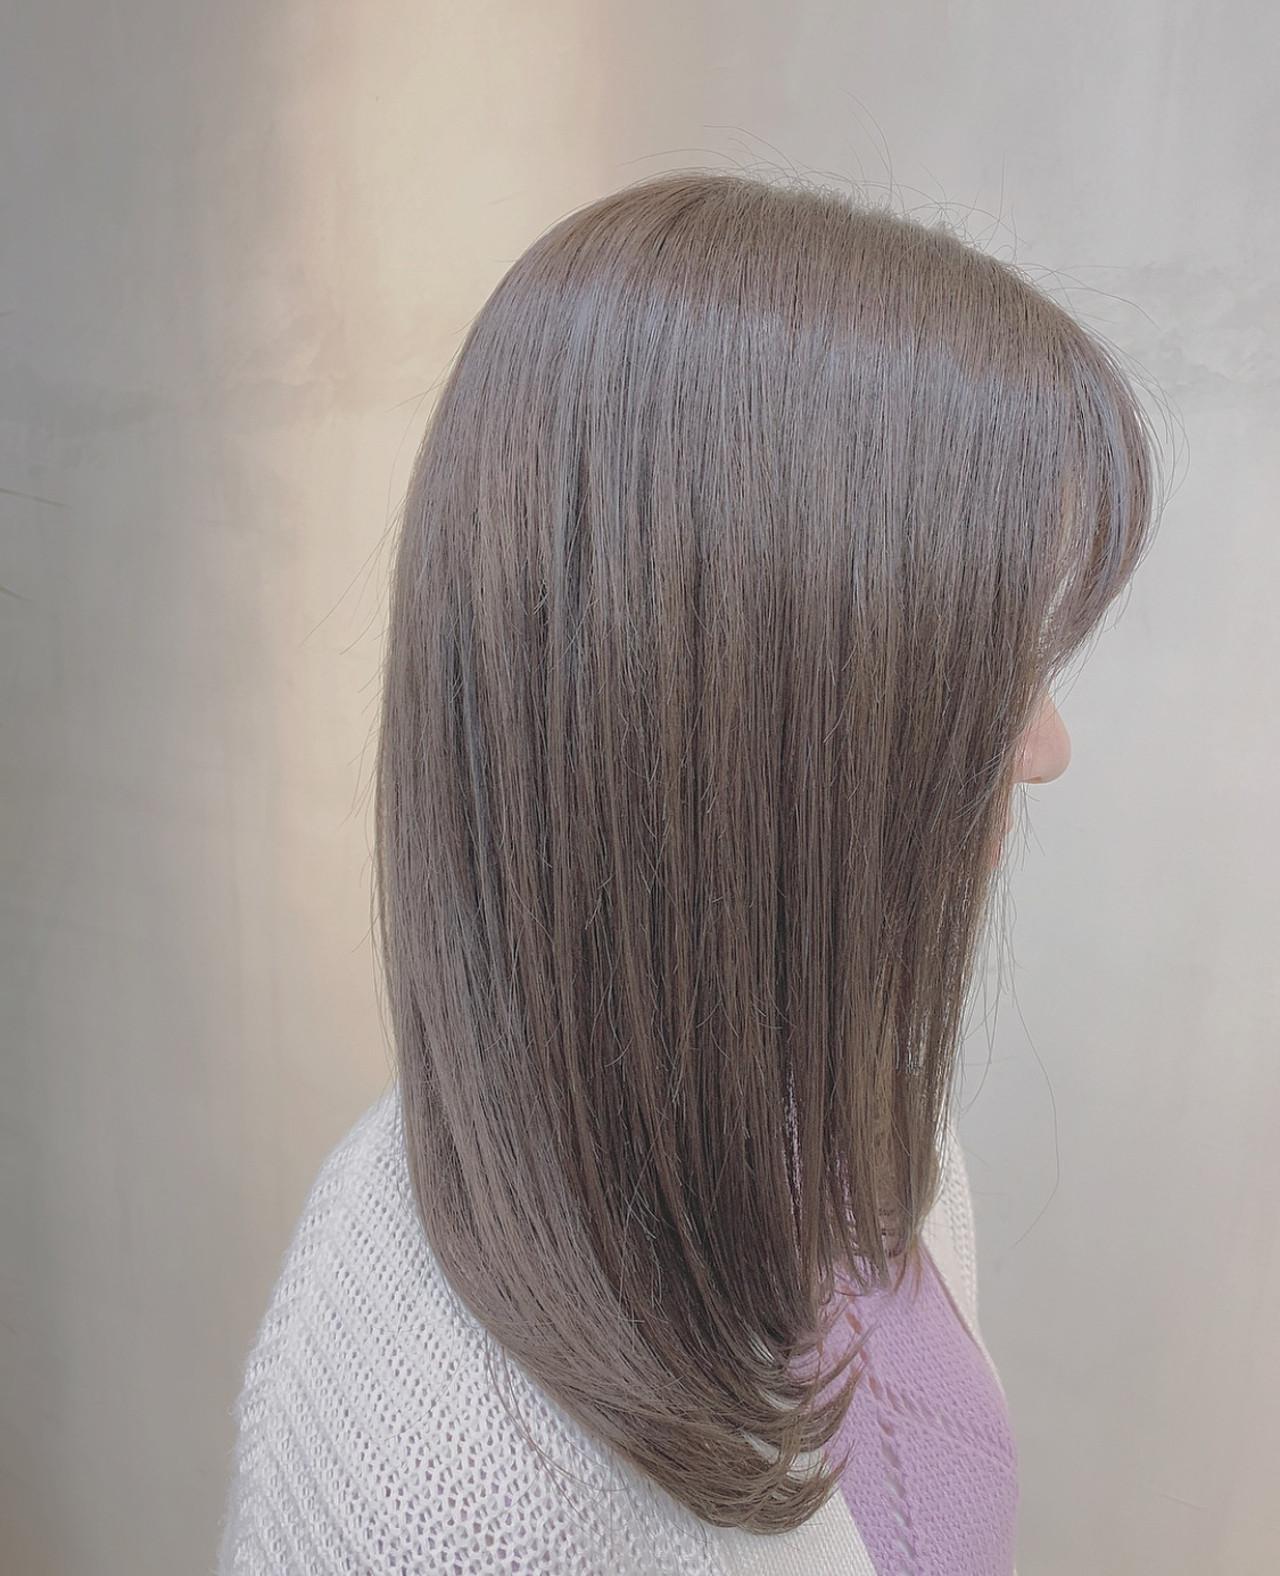 ラベンダーグレージュ 外国人風カラー ナチュラル ブルーラベンダー ヘアスタイルや髪型の写真・画像